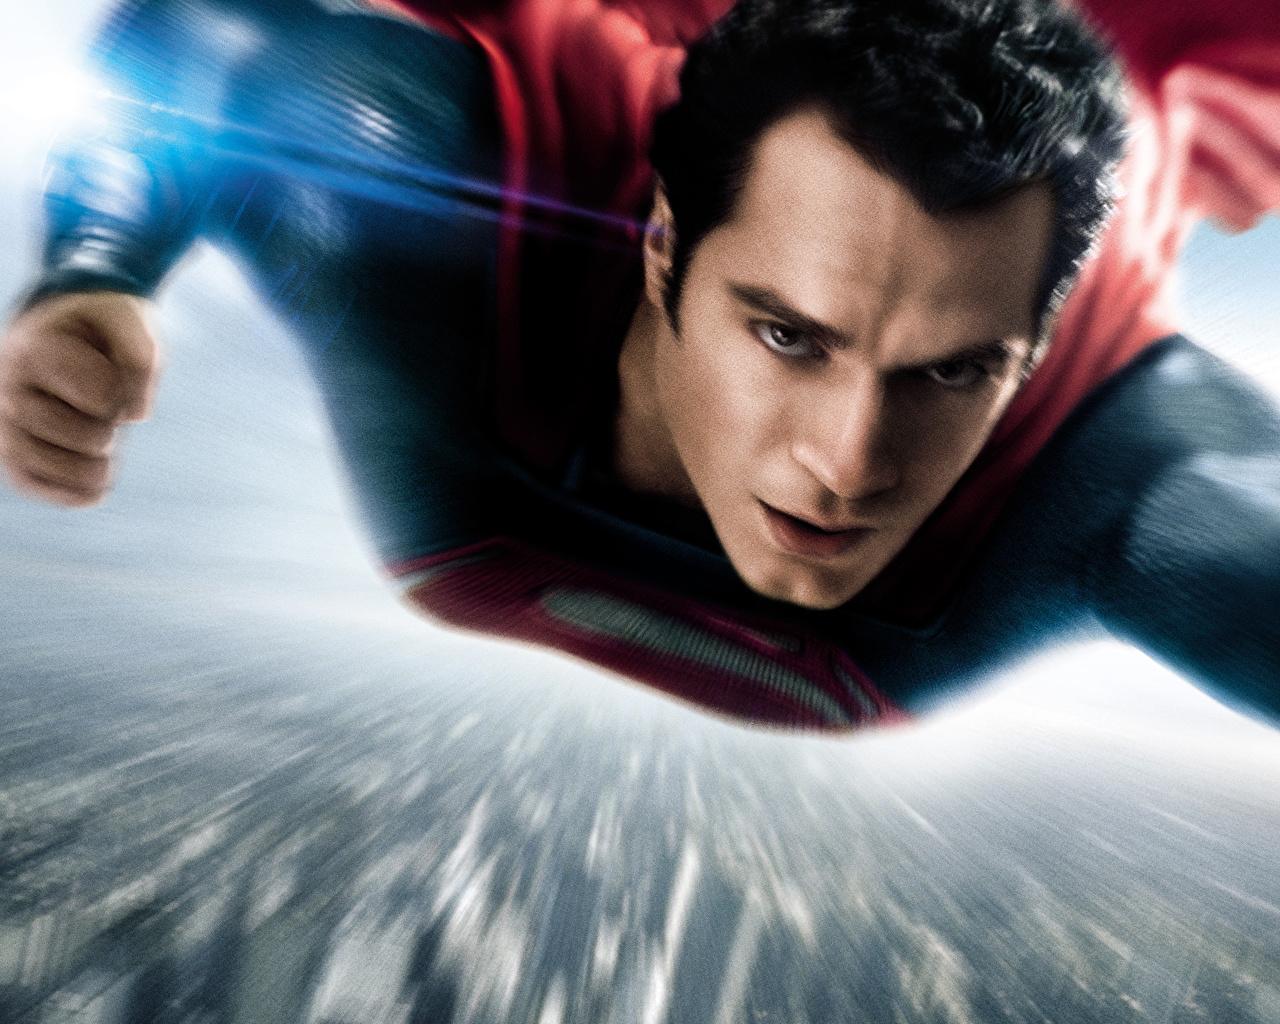 Фото Henry Cavill Супермен герой Мужчины Man of Steel Красивые Фильмы летят Генри Кавилл мужчина красивый красивая кино Полет летит летящий